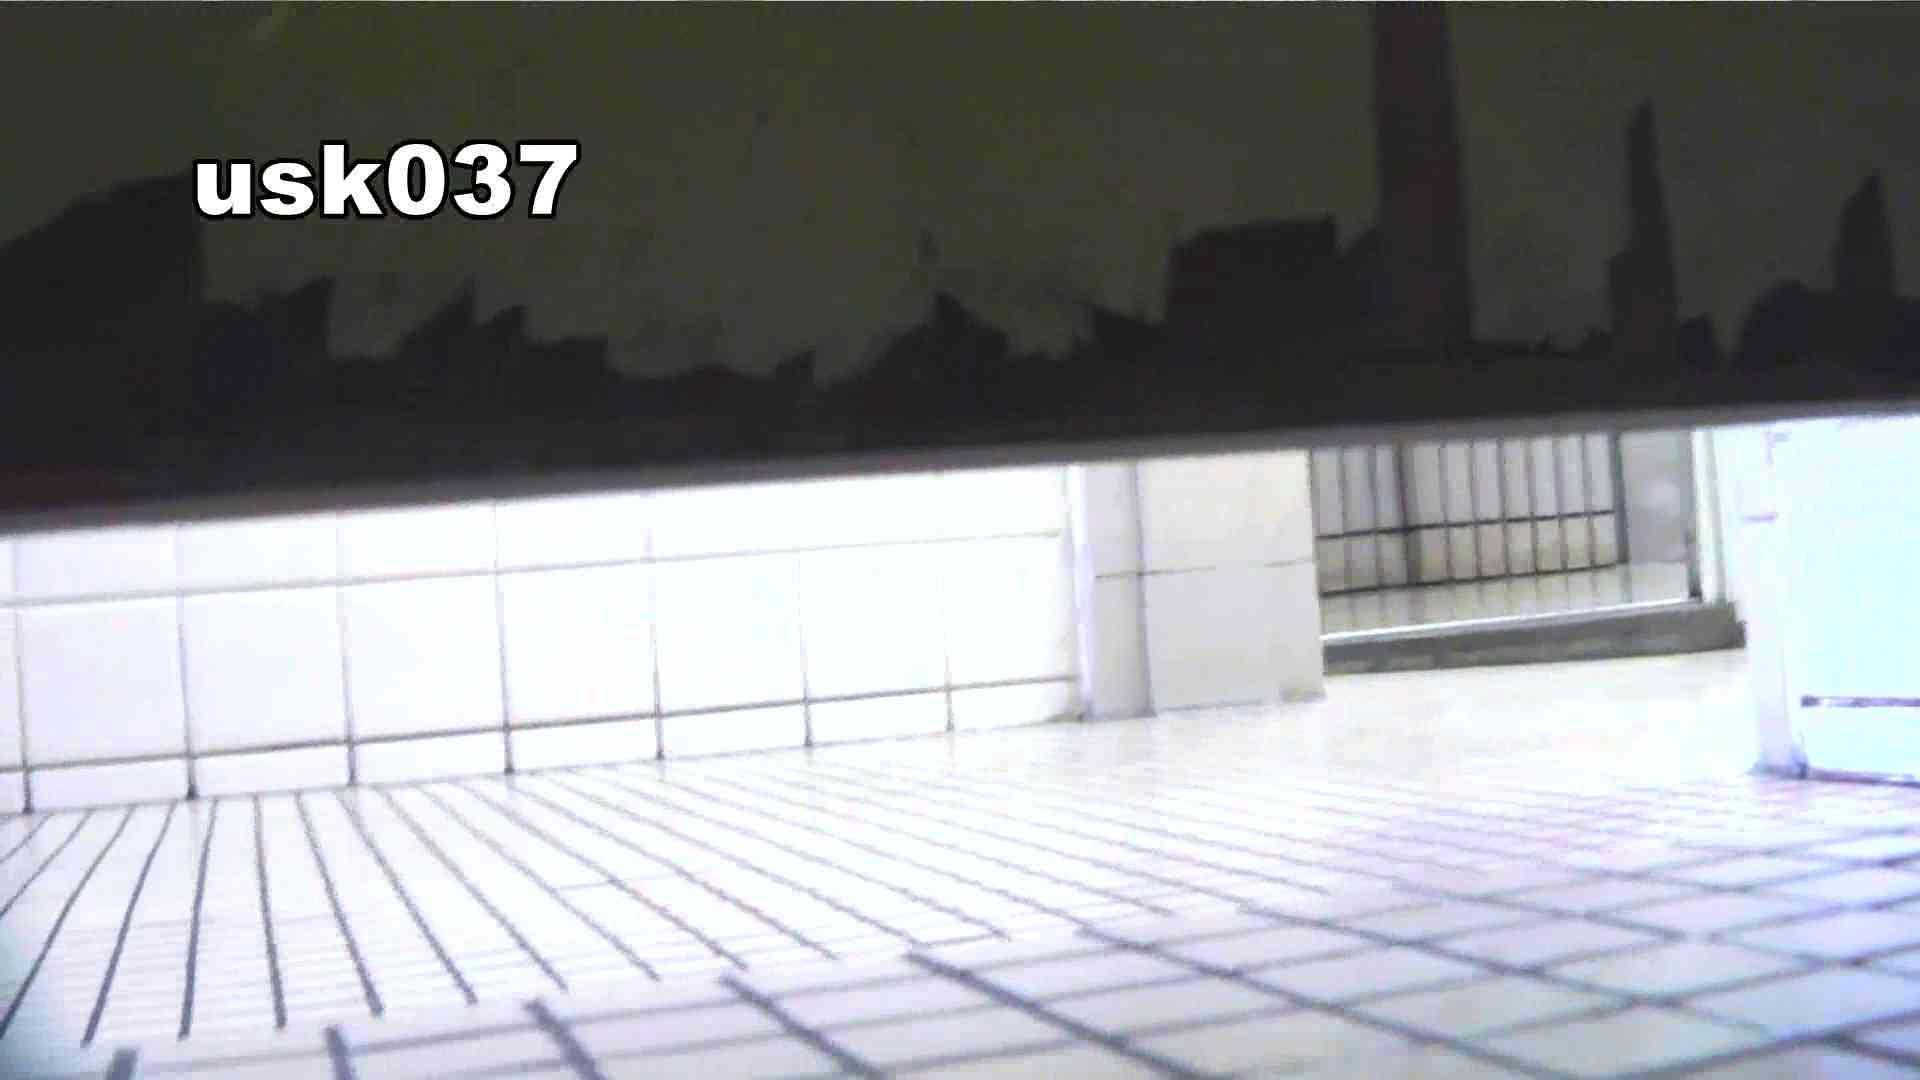 【美しき個室な世界】 vol.037 ひねり出す様子(フトイです) 高画質 | 高評価  99枚 67